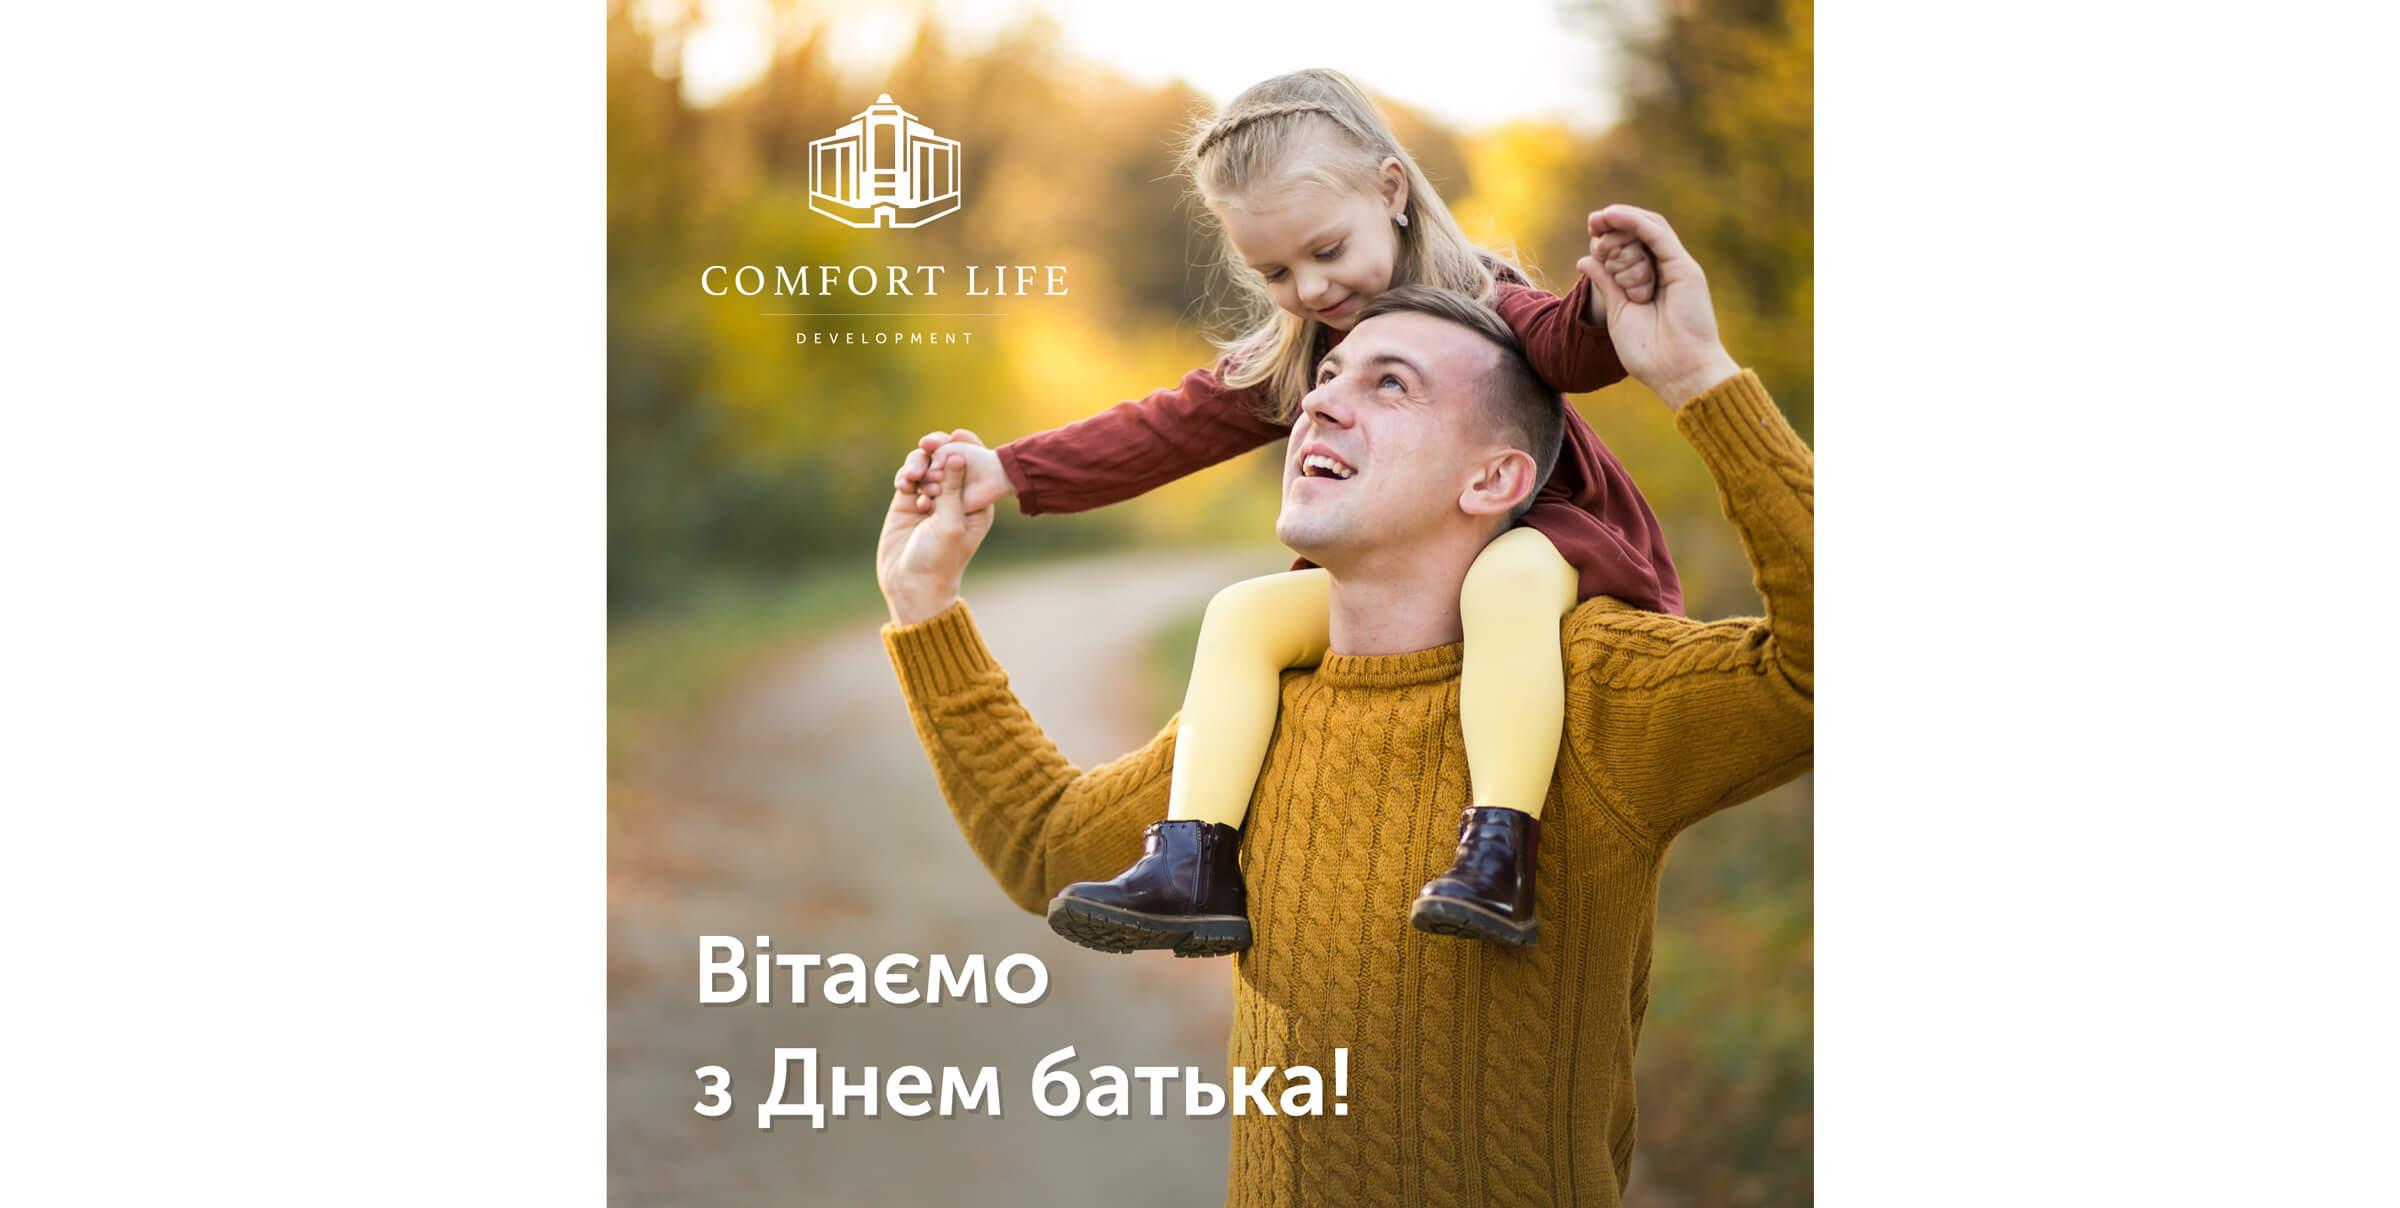 Comfort Life Development вітає з Днем батька!